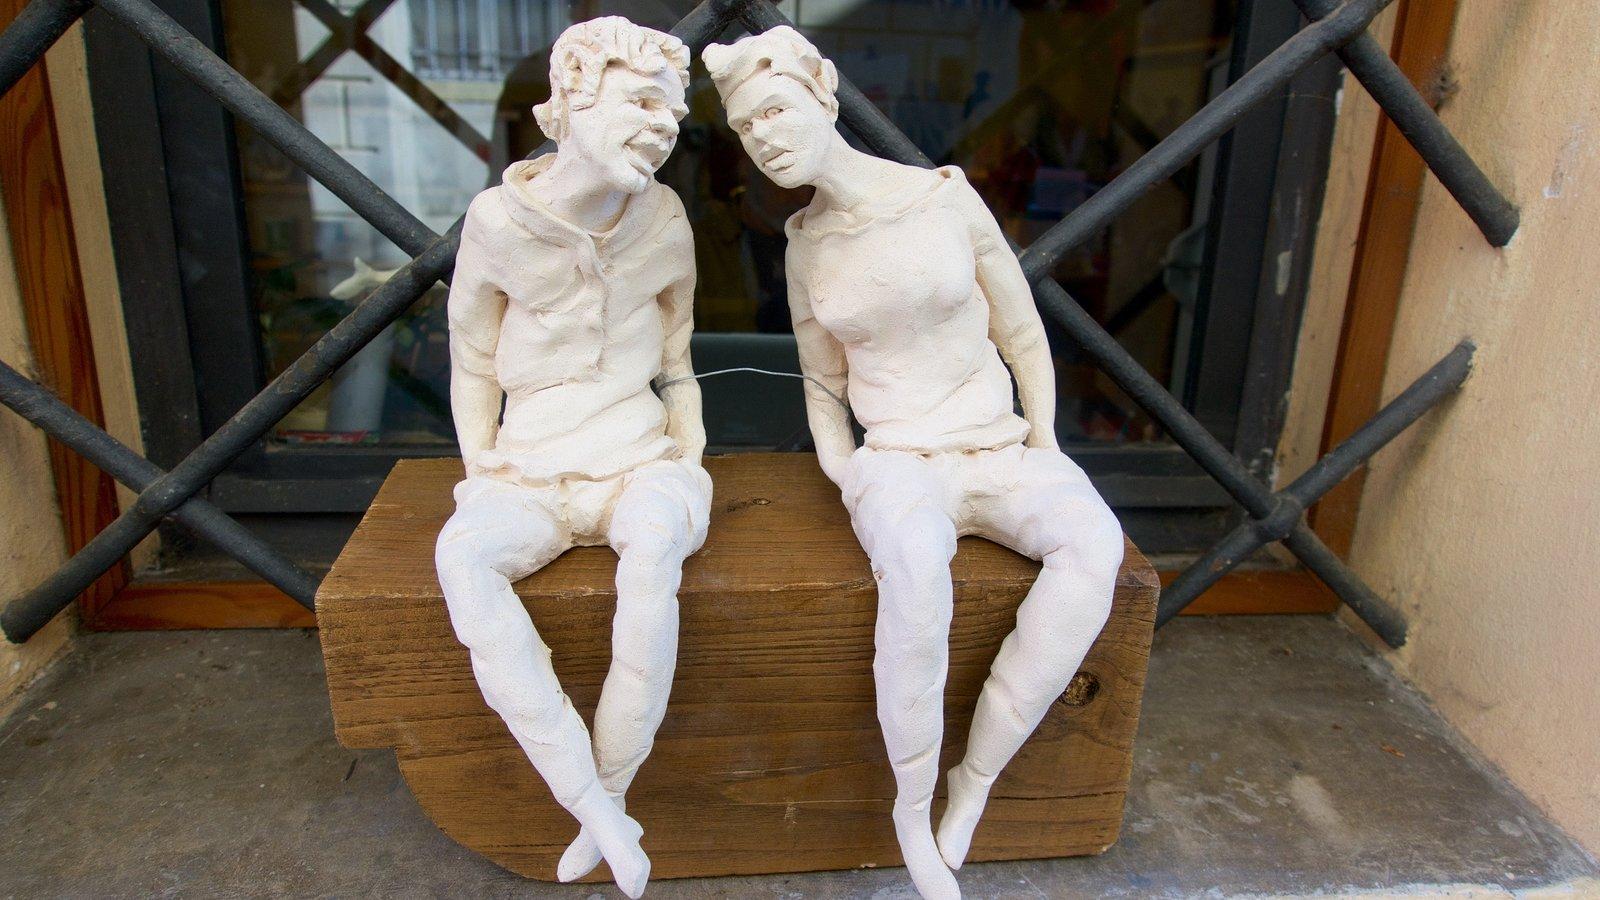 Castiglione del Lago which includes a statue or sculpture